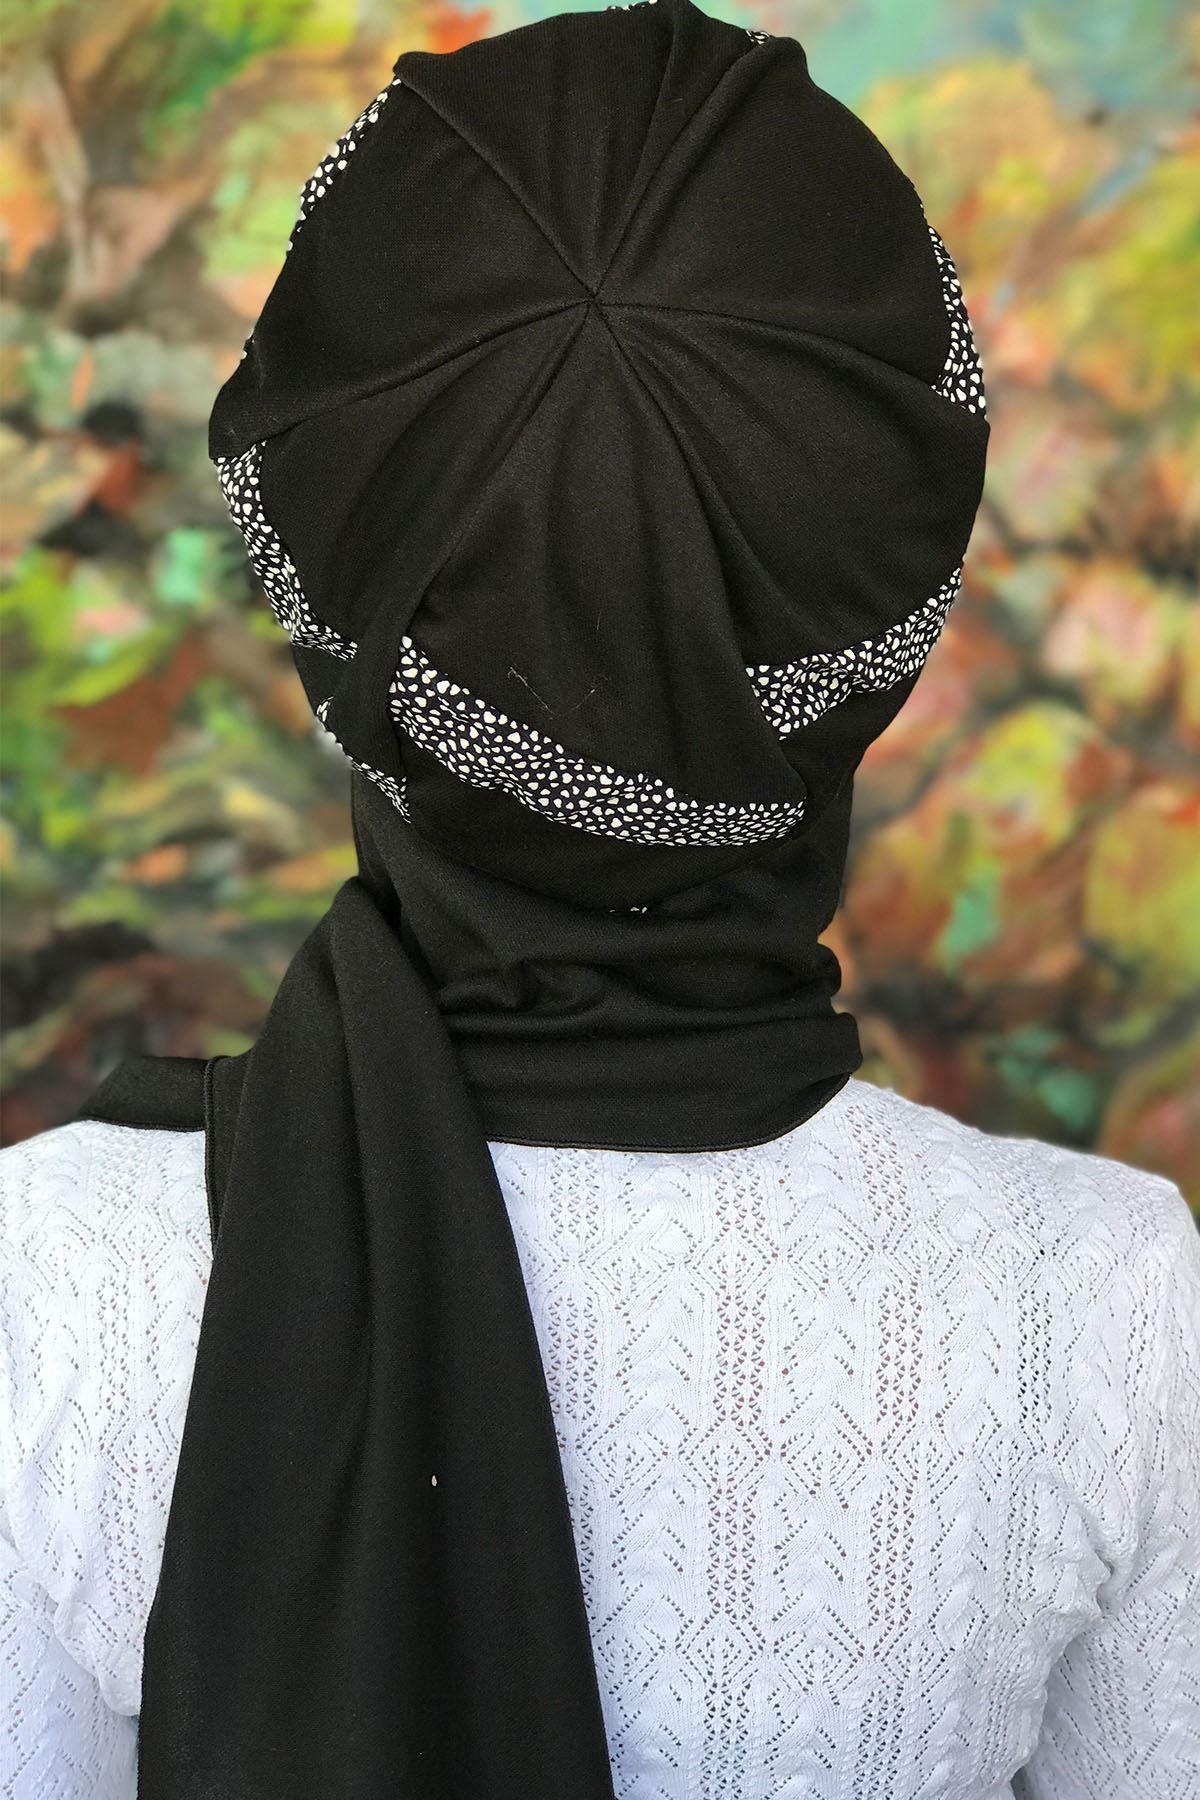 Beyaz Noktalı Şerit Detaylı Tokalı Siyah Atkılı Bone Şal